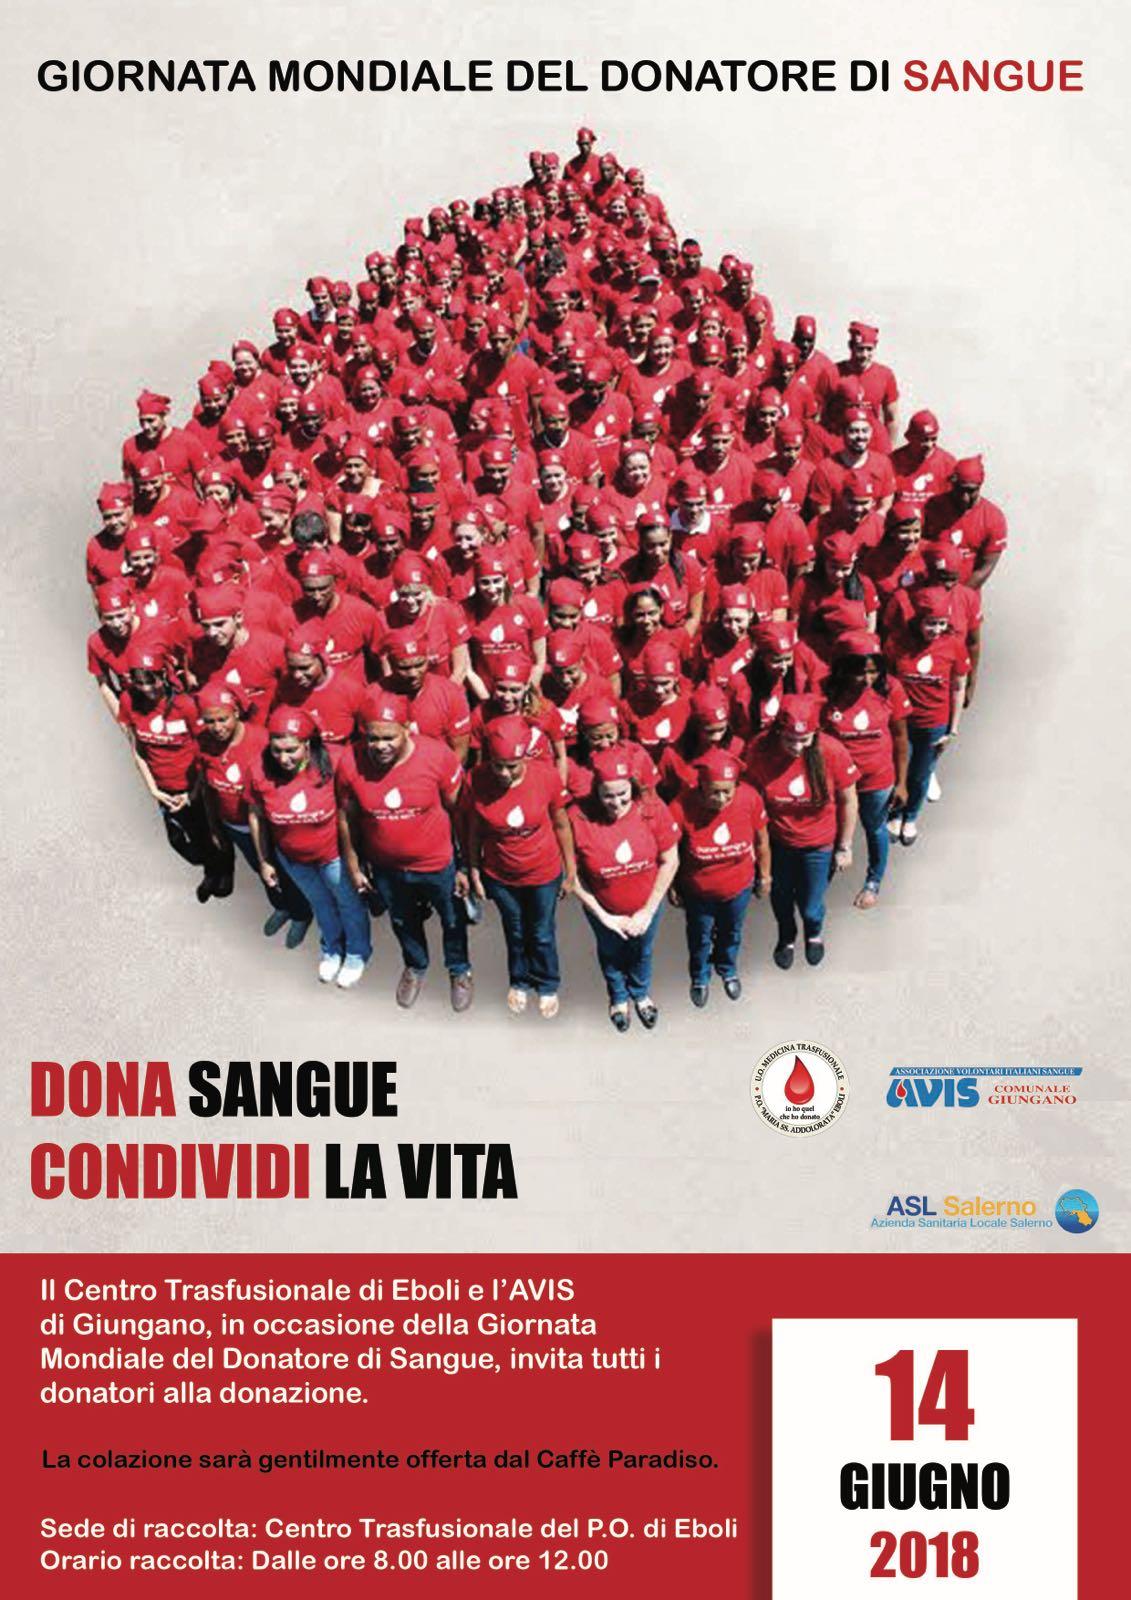 Giornata della Donazione Sangue Ospedale di Eboli